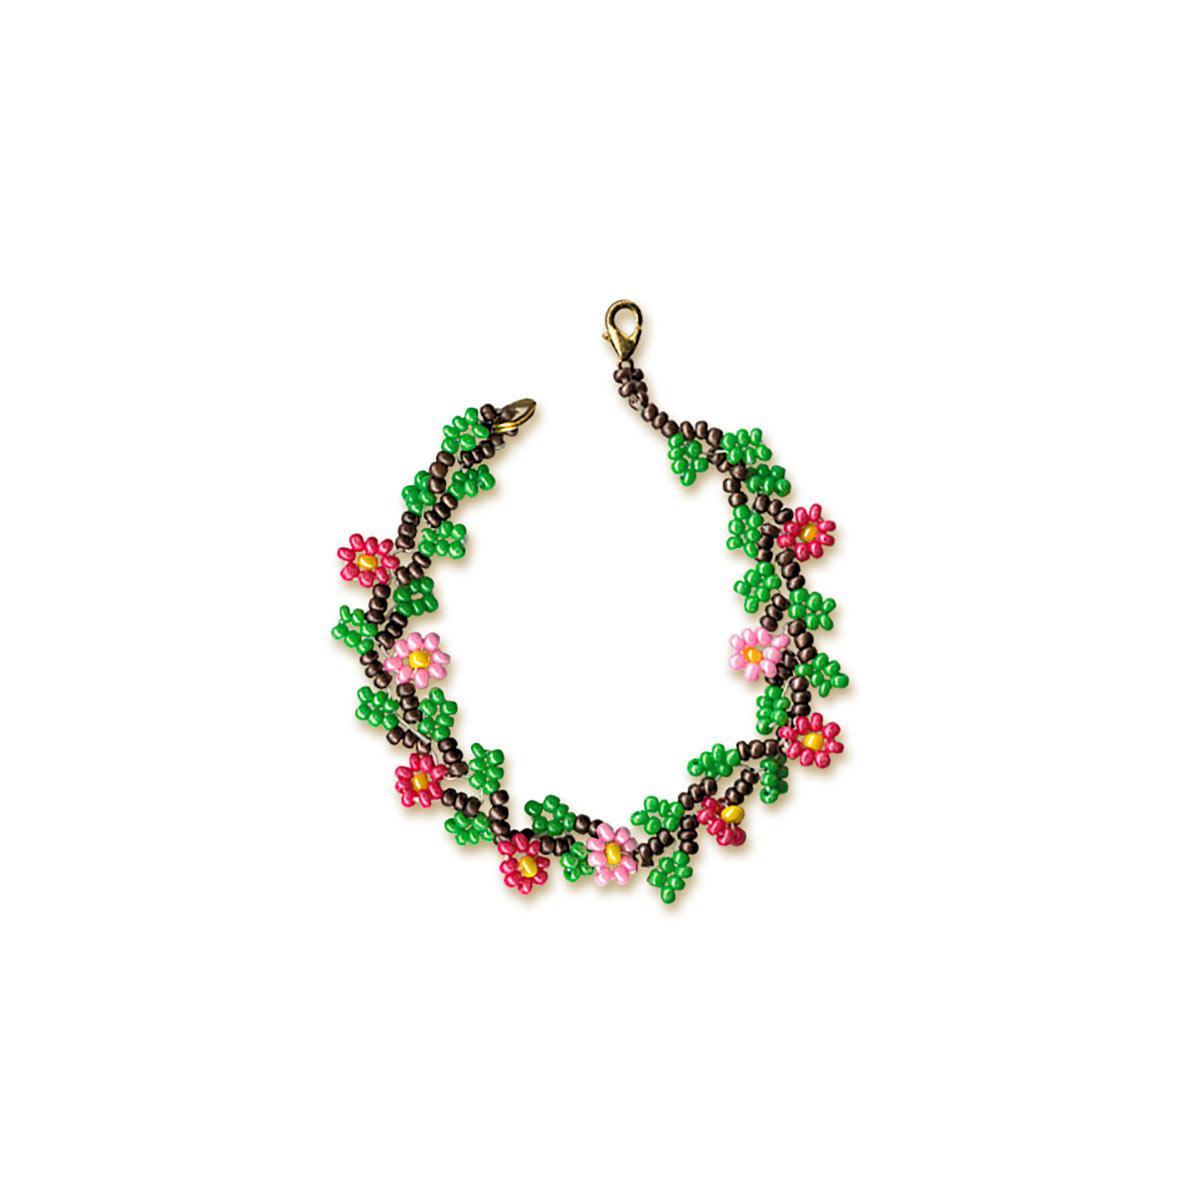 Б018 Набор для бисероплетения Riolis 'Браслет с цветами', 18 см